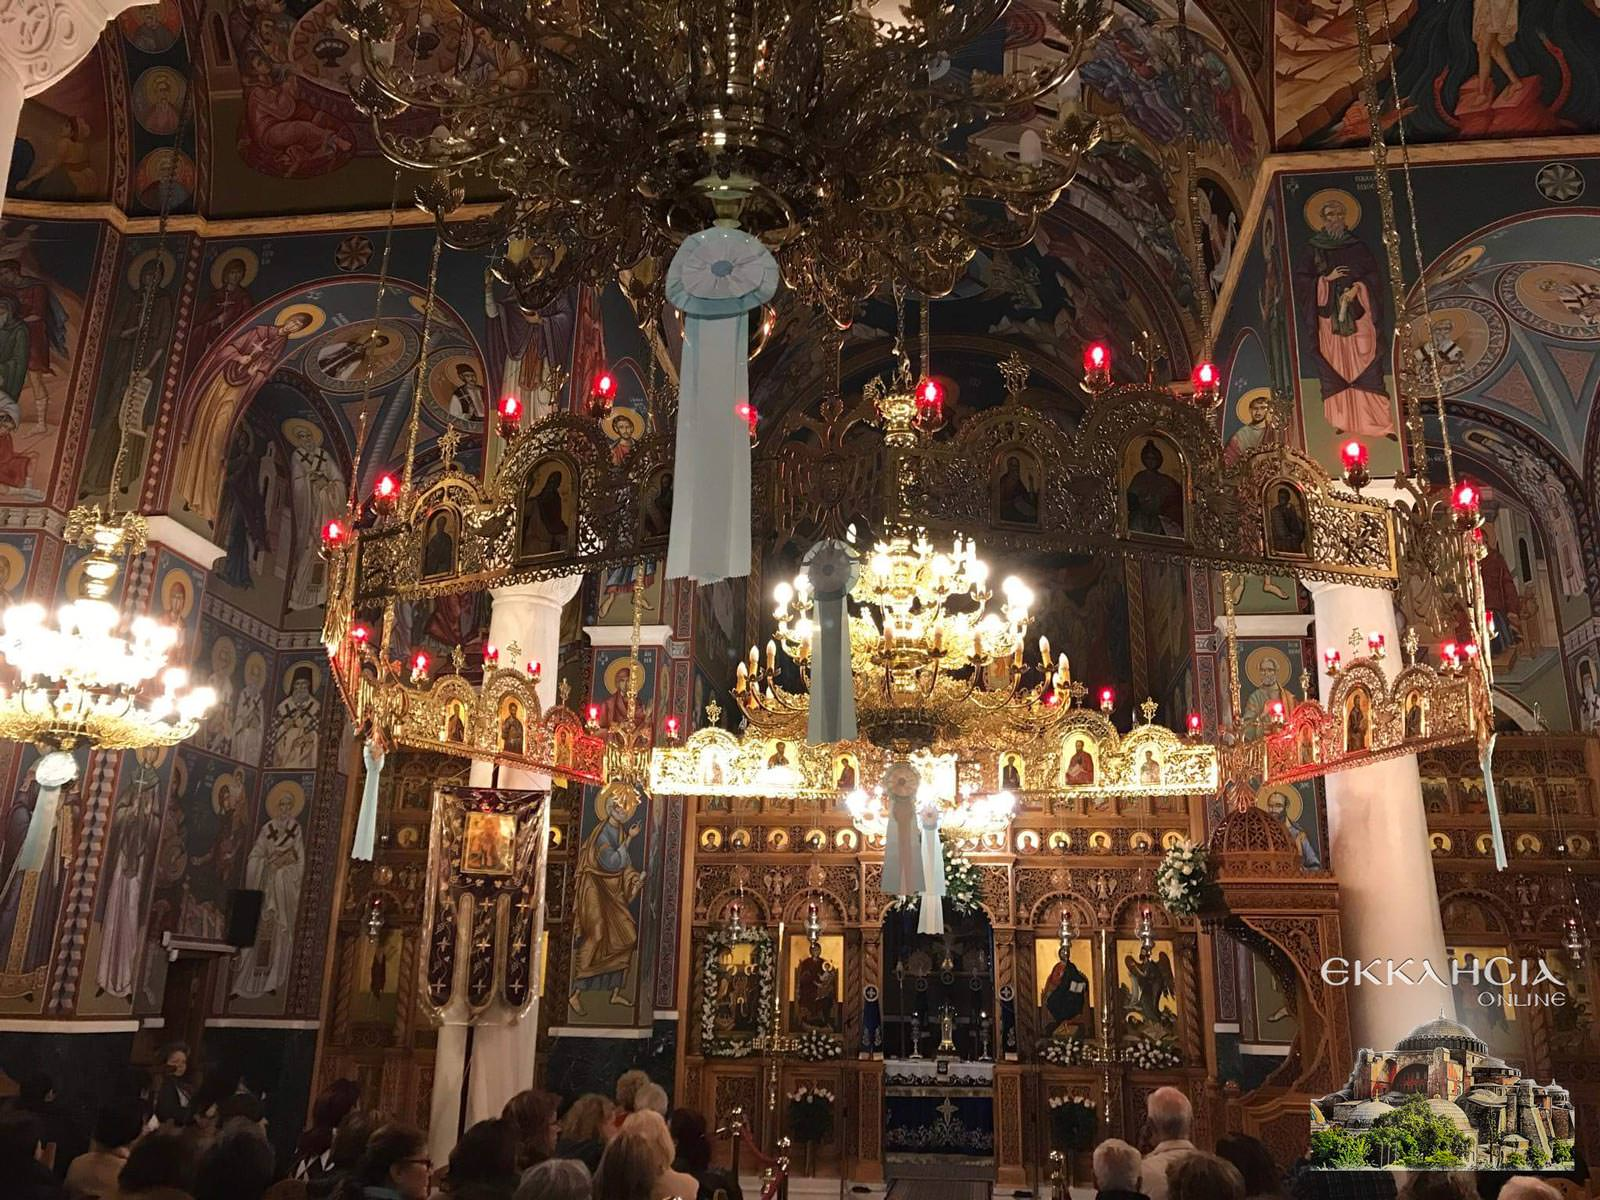 Εισόδια της Θεοτόκου Μοναστήρι Εισοδίων Παναγίας